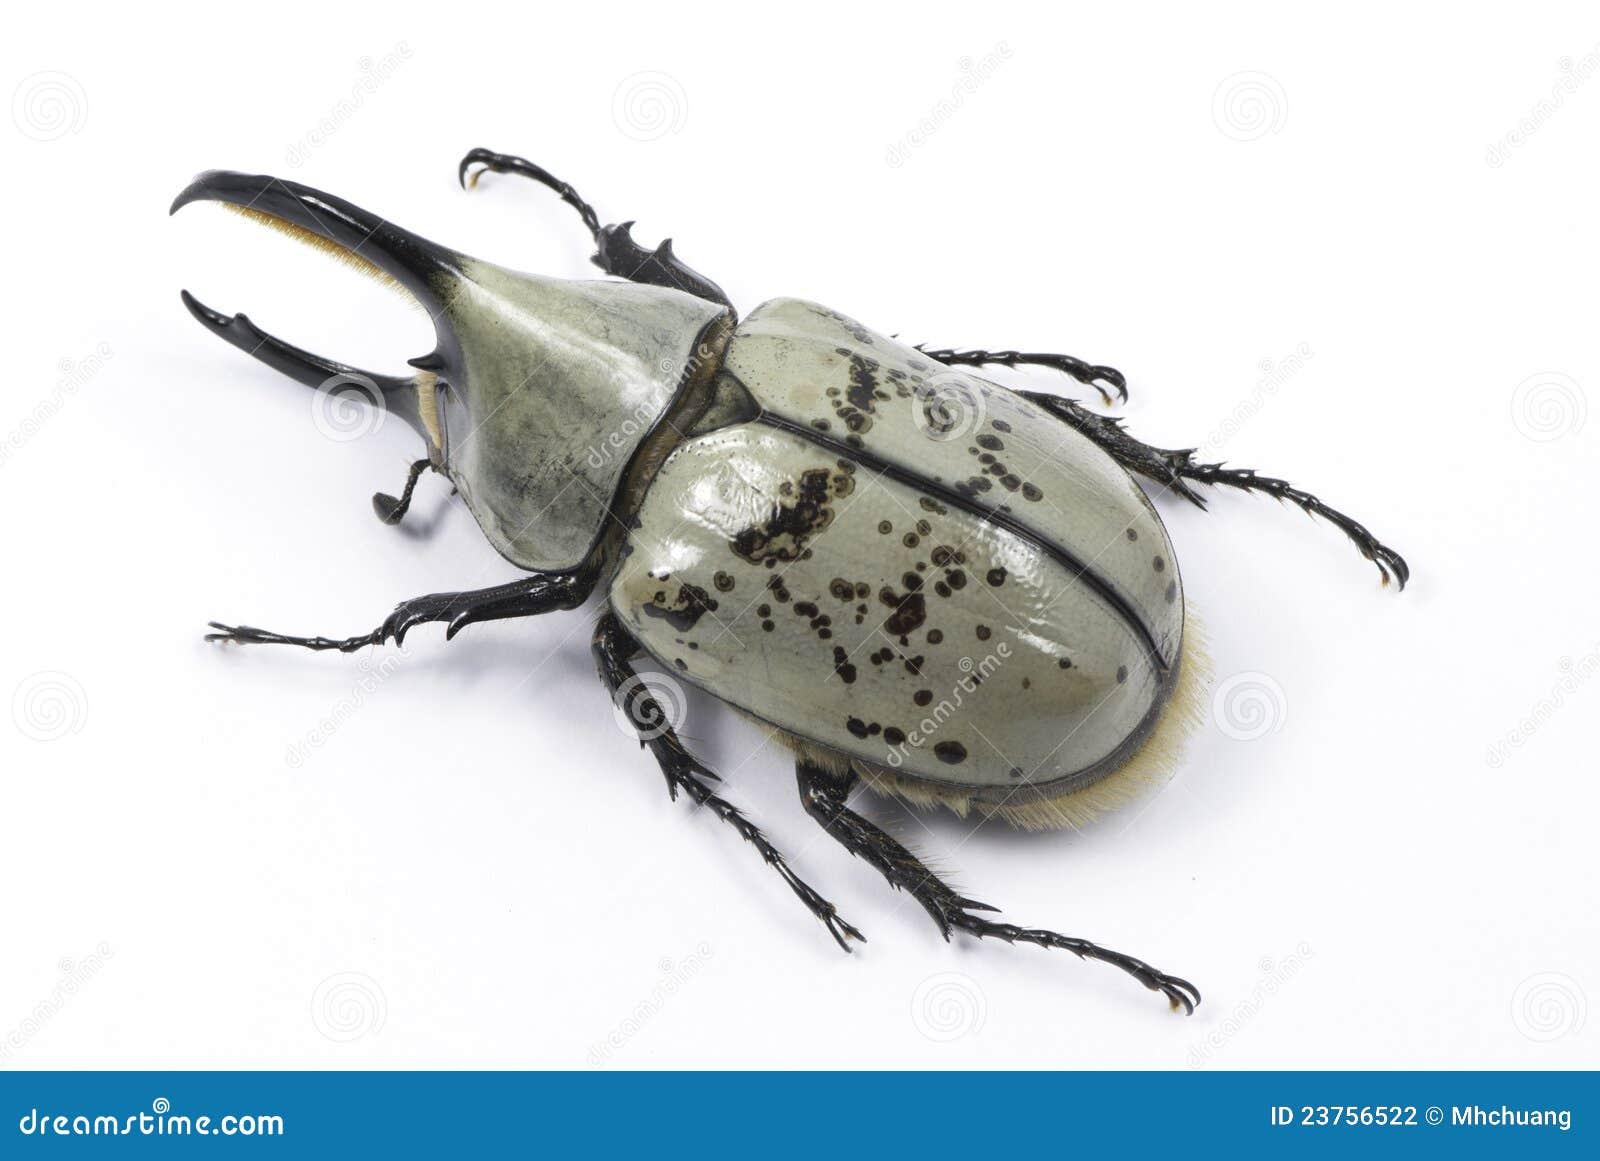 Hercules beetle top view